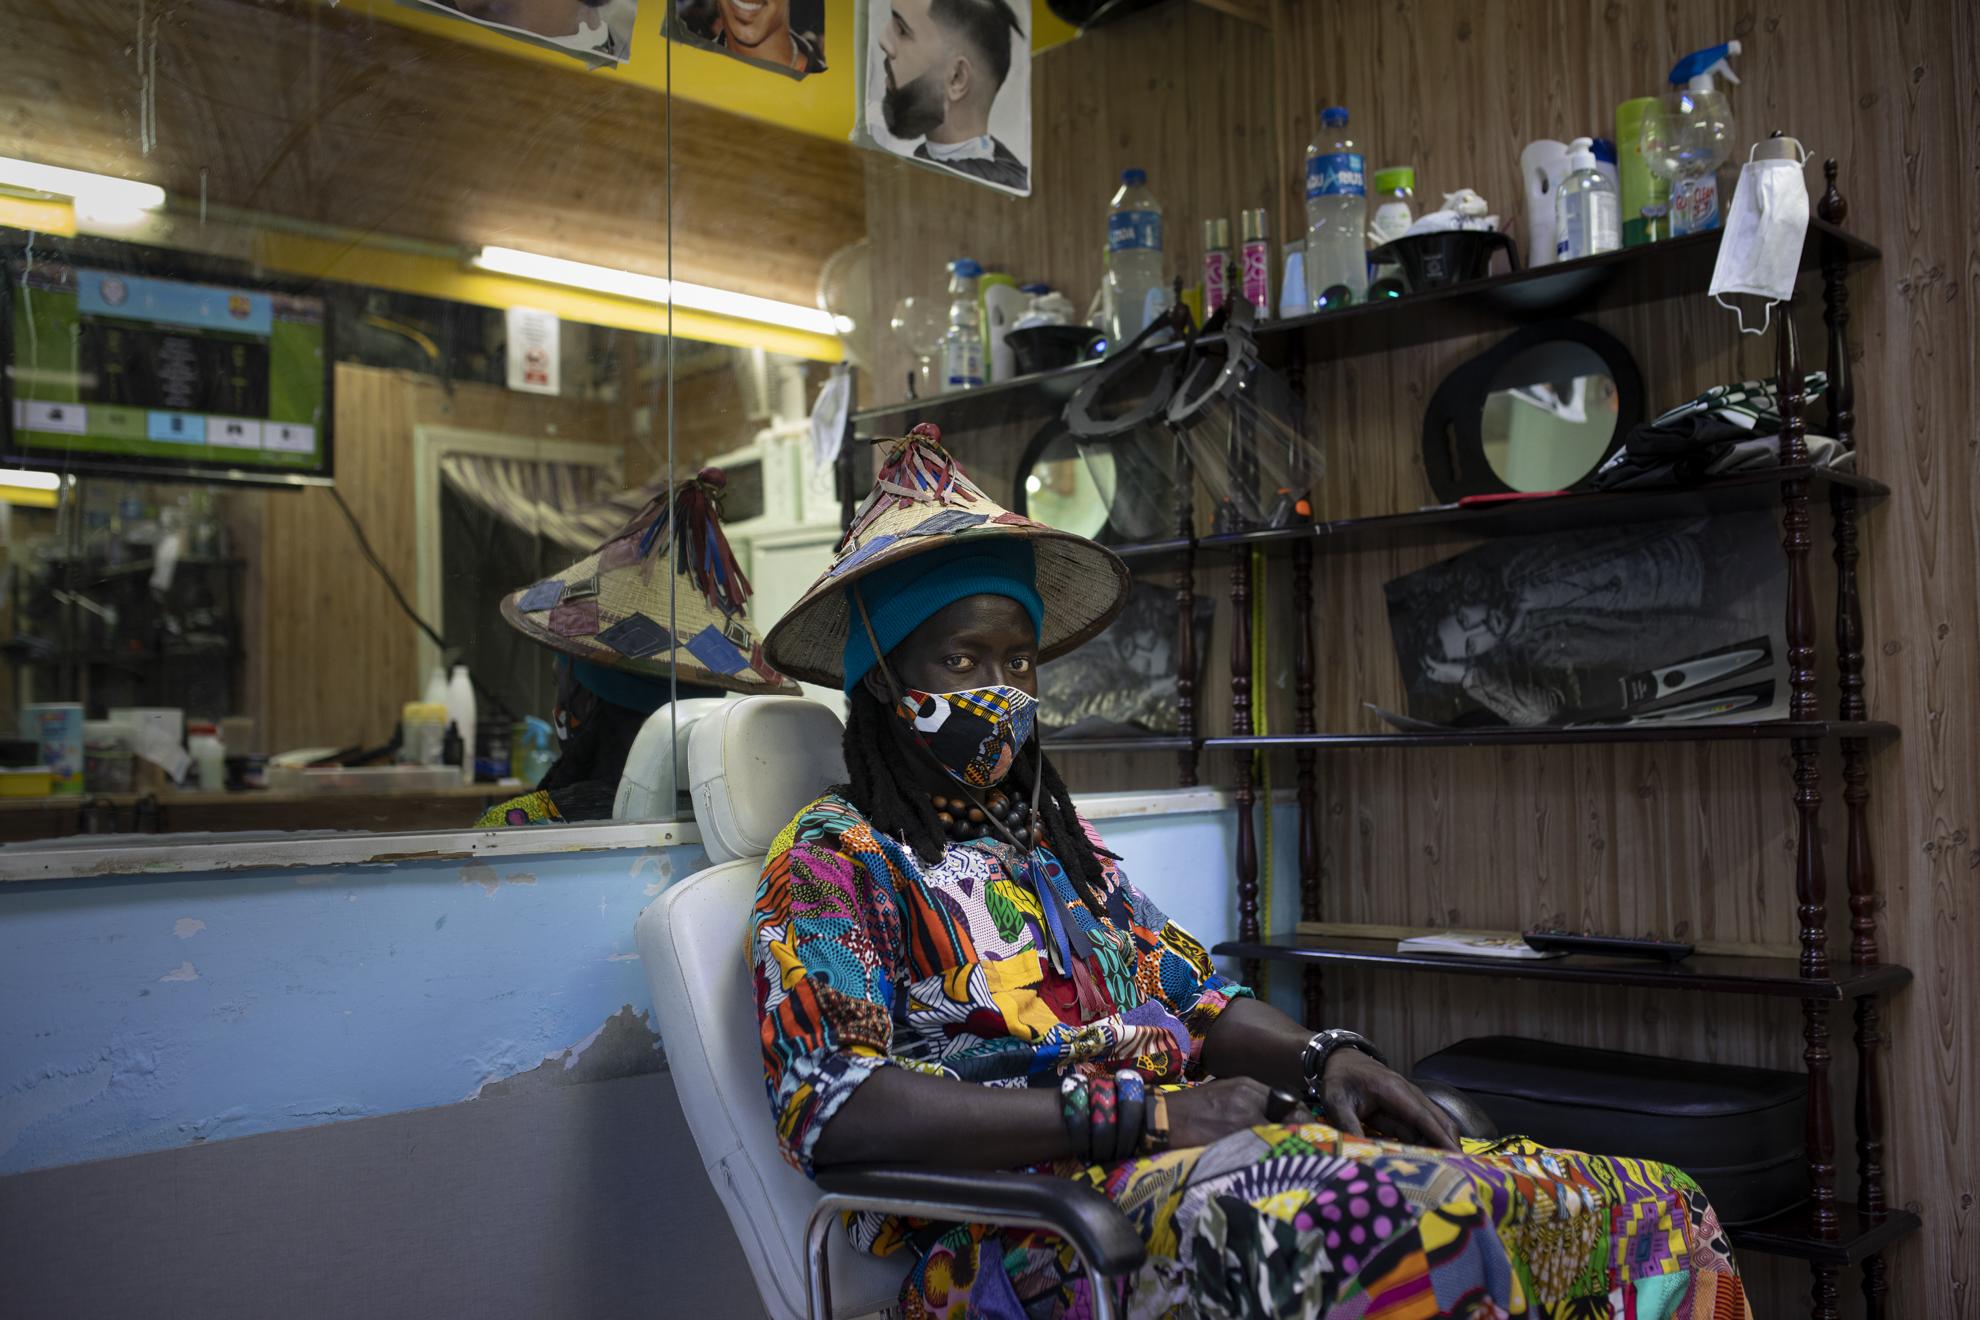 """Alpha (26) es senegalés, llegó a España hace dos años y aún no tiene papeles. Trabaja con su tío en la peluquería que éste regenta en Lavapiés. Desde que han vuelto a abrir, la sonrisa ha vuelto a su cara, aunque no podamos verla debajo de la mascarilla. """"Lo pasé mal durante el confinamiento, pero sabía que era por la salud de la gente"""", recuerda. Su familia está bien, todos, el Covid-19 no ha golpeado en Senegal tan fuerte como en Europa. """"Yo sigo mi destino"""", dice, una expresión muy africana que significa que aceptan lo que venga sin miedo. También la """"nueva normalidad"""", que afronta con sus vistosos trajes africanos que cose él mismo, porque no quiere perder sus raíces, eso sí, """"al estilo moderno"""""""